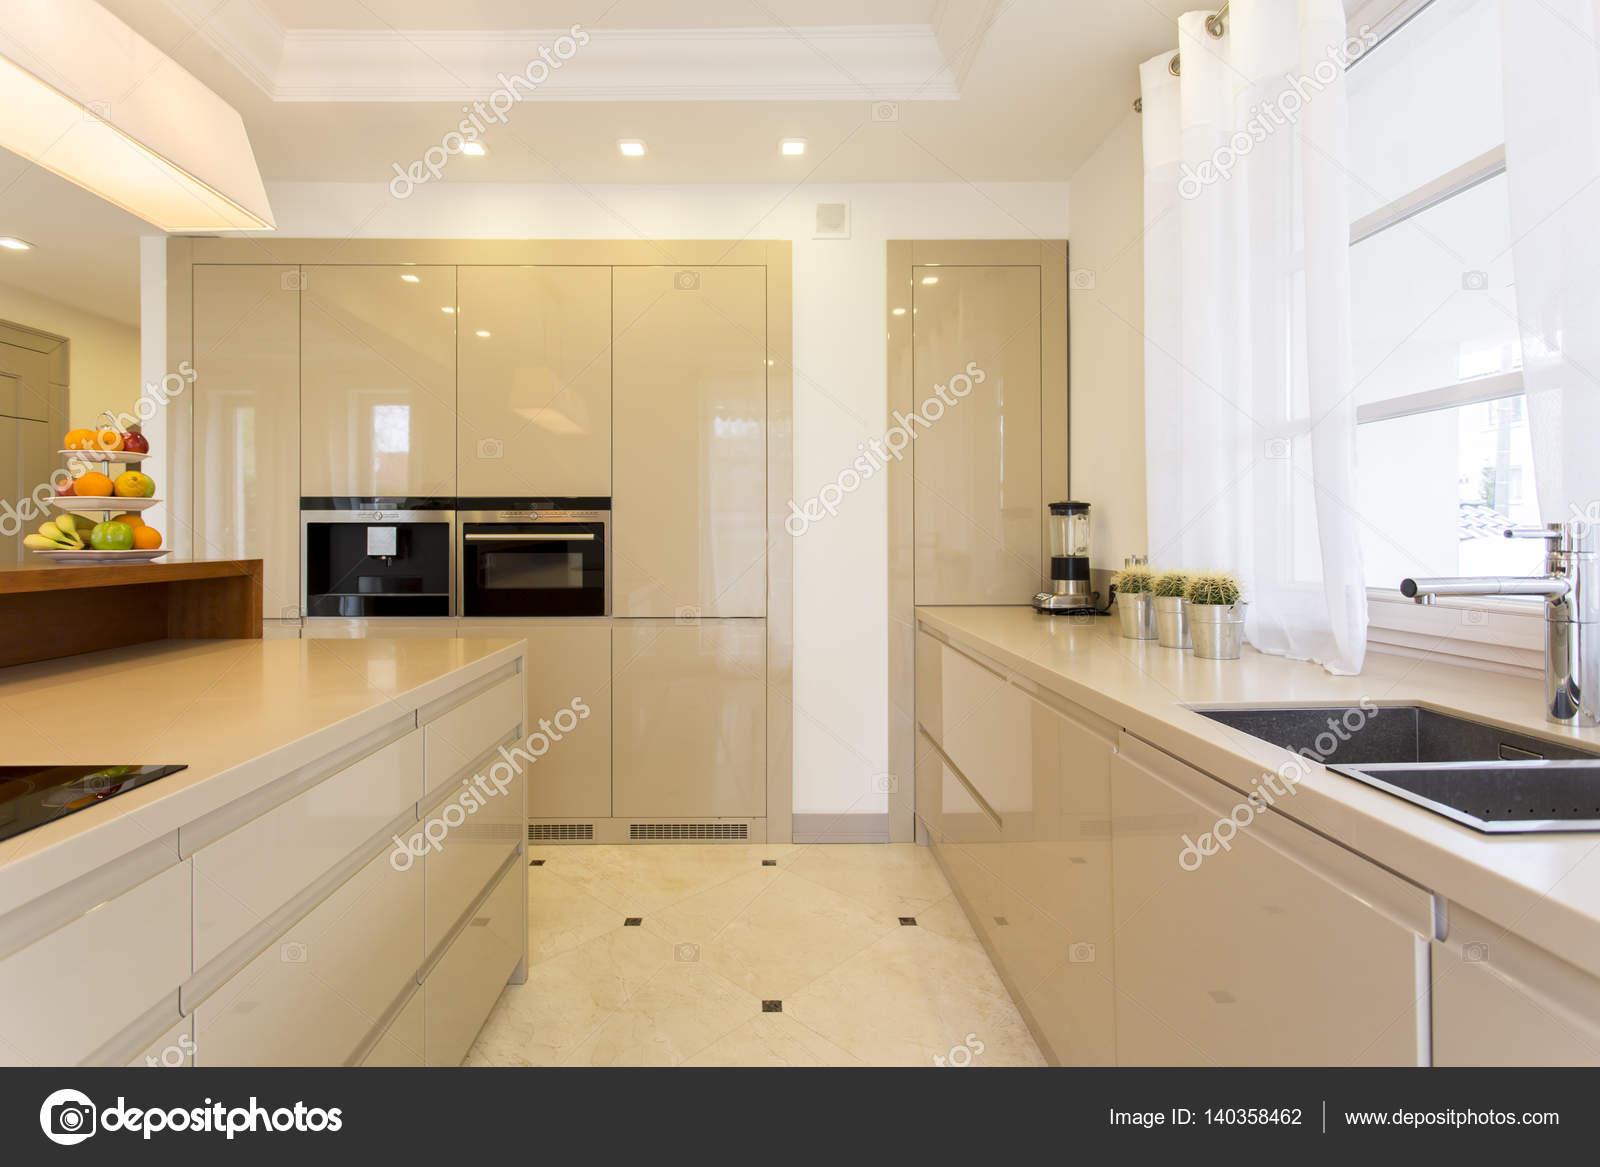 Helle Küche | Geraumige Helle Kuche Mit Eingebauten Schranken Stockfoto